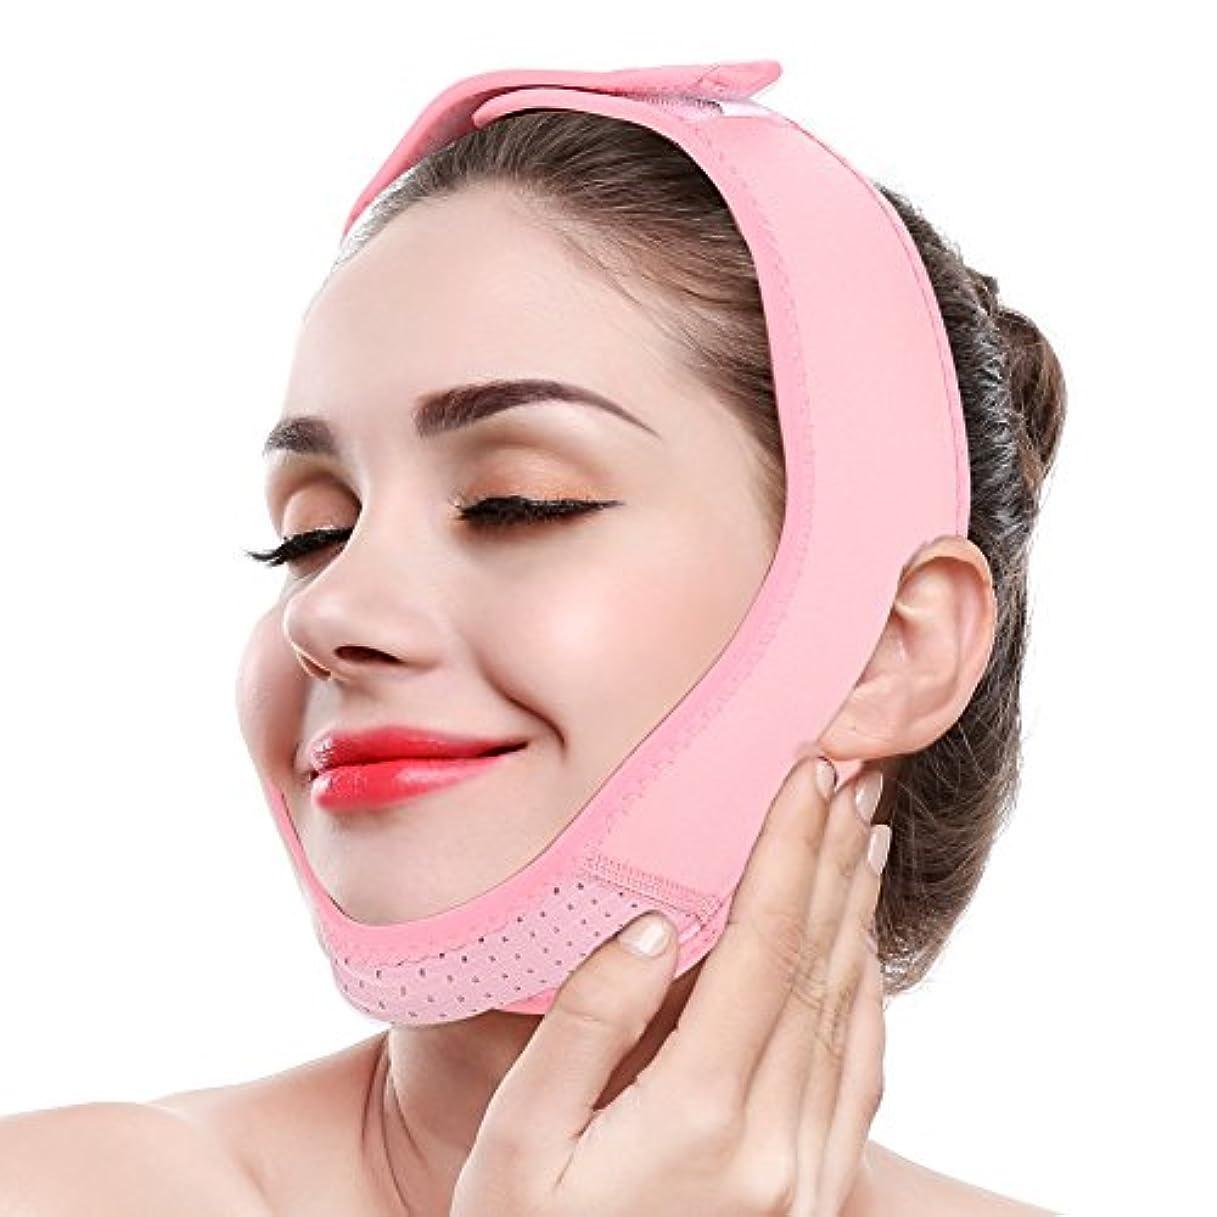 狂気お肉賞賛するSoarUp フェイスベルト 引き上げマスク フェイスラインベルト 小顔 矯正 マスク 二重あご 美顔器